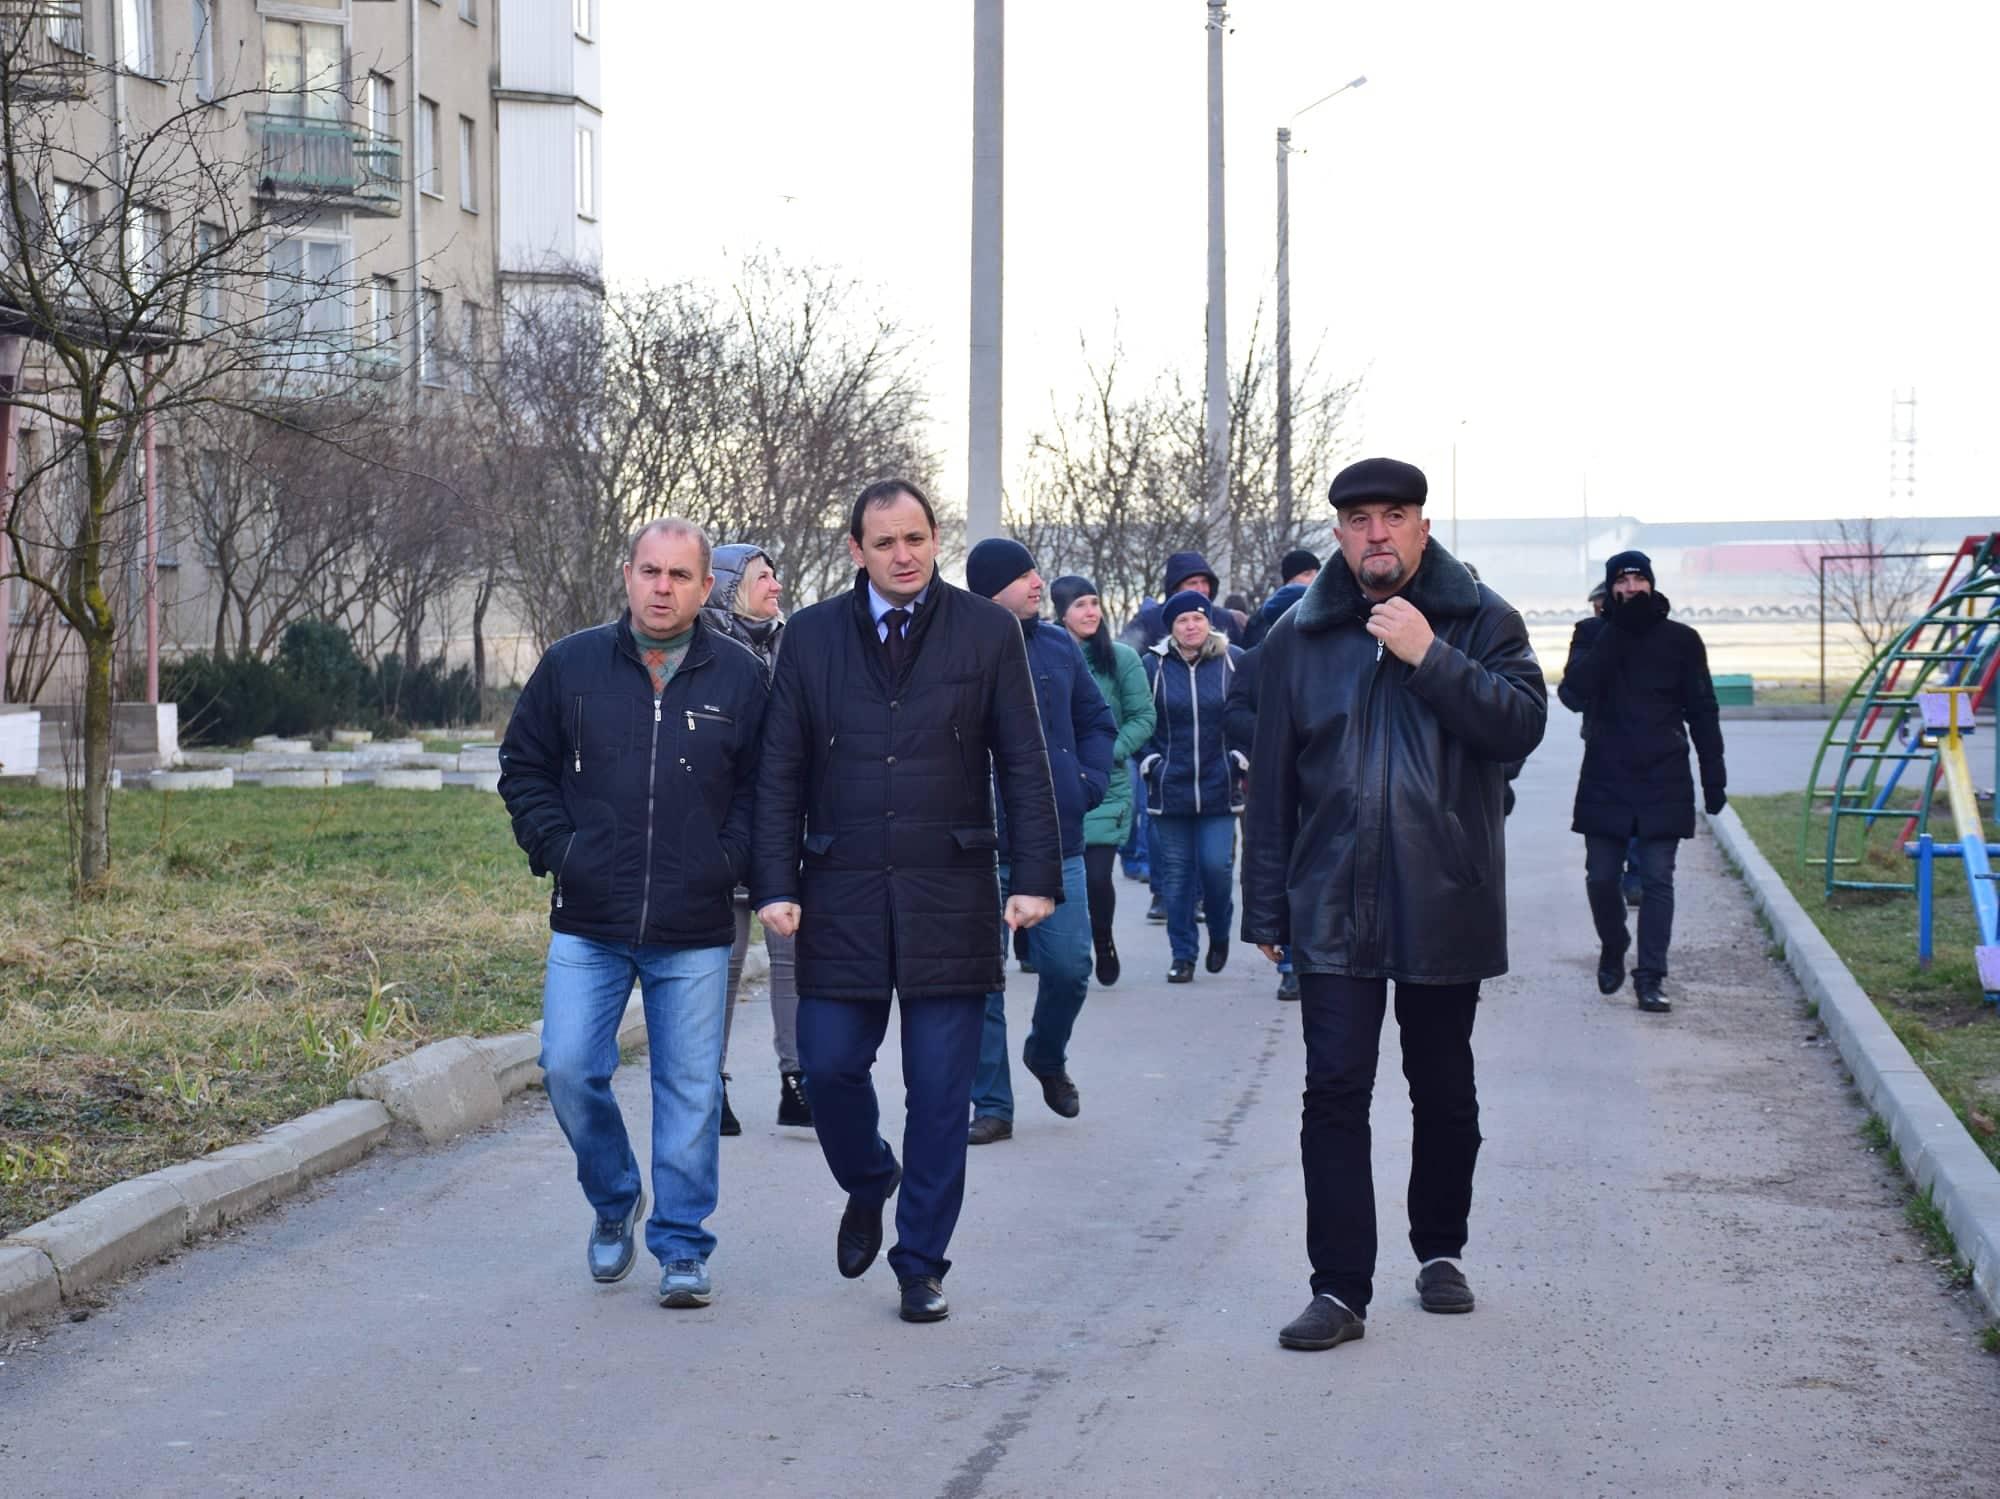 Марцінків вранці погуляв околицями міста (ФОТО)